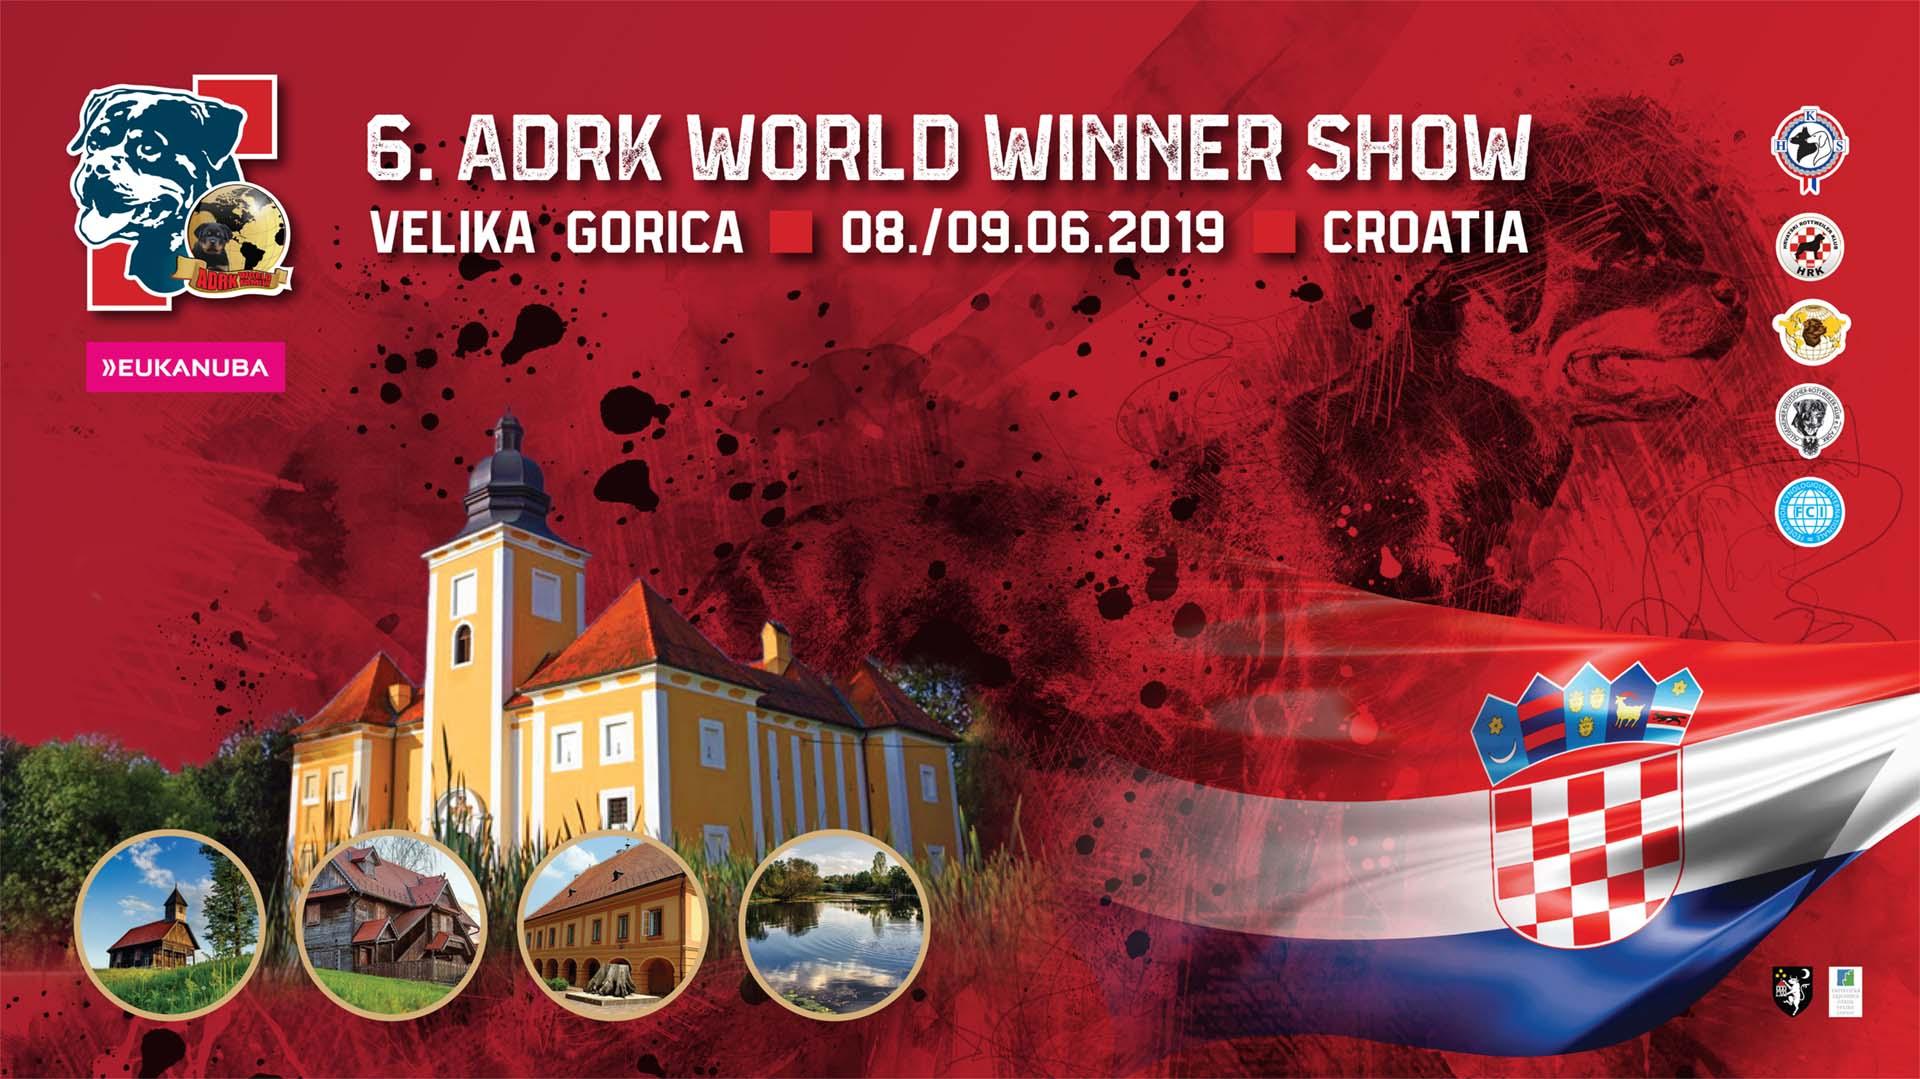 ADRK-WORLD-GAGNANT-SHOW-2019-header-Banner ACCUEIL - Dell'Antico Guerriero